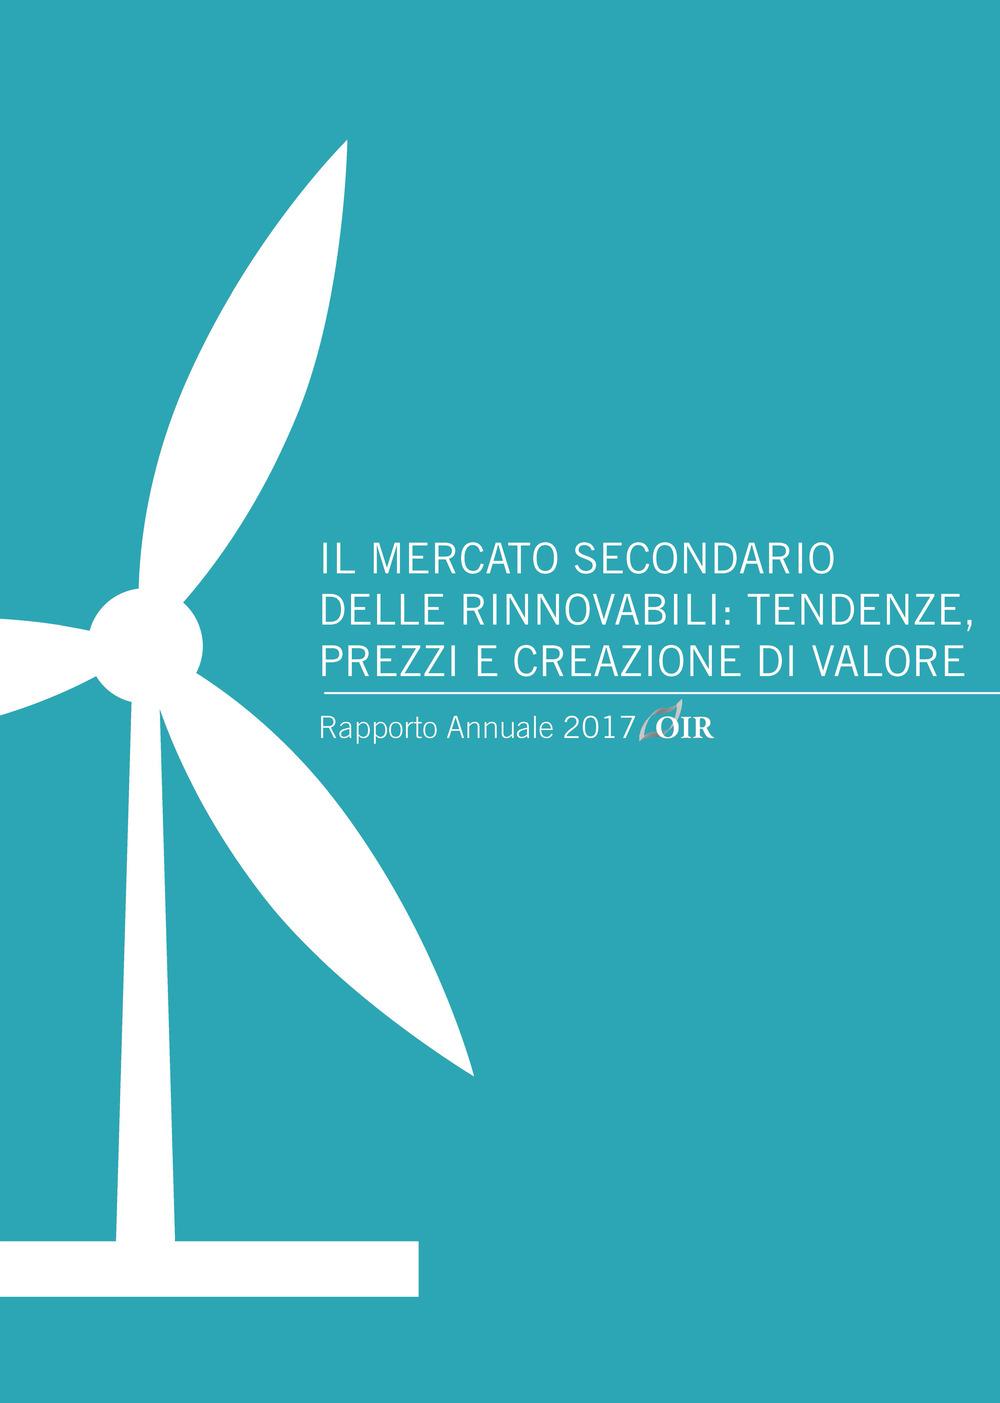 Il mercato secondario delle rinnovabili: tendenze, prezzi e creazione di valore. Rapporto annuale 2017 OIR